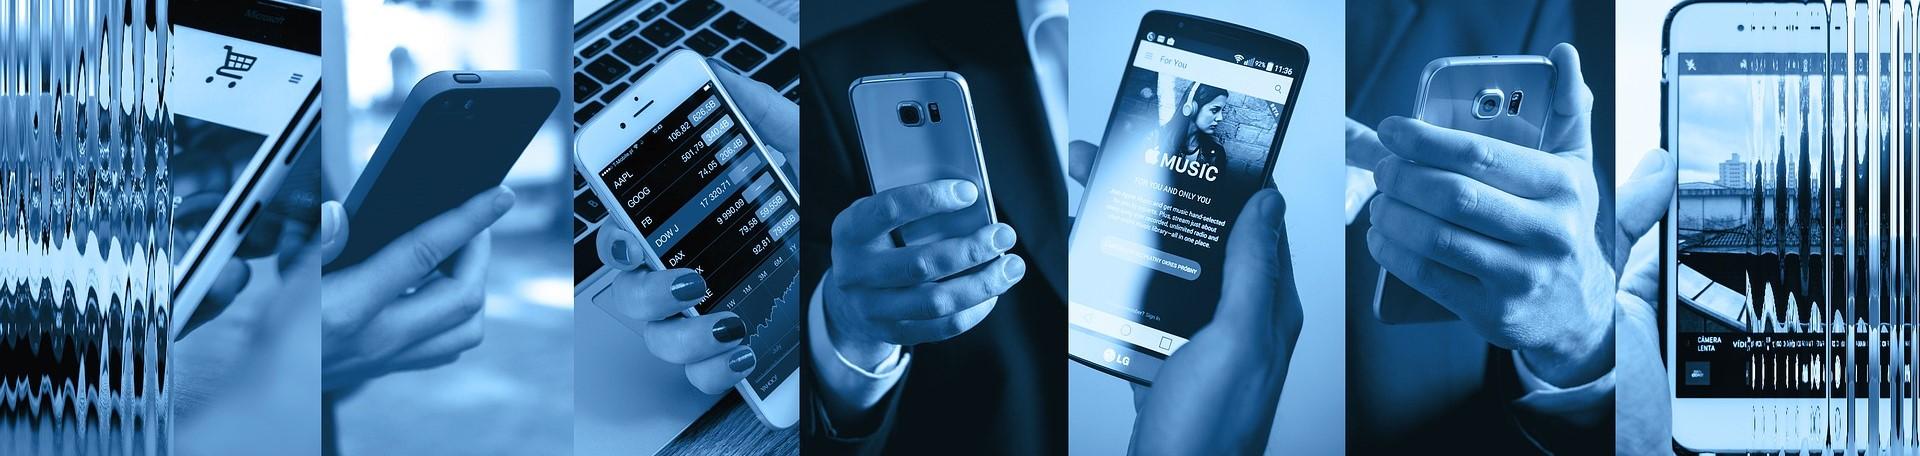 7 different smartphones